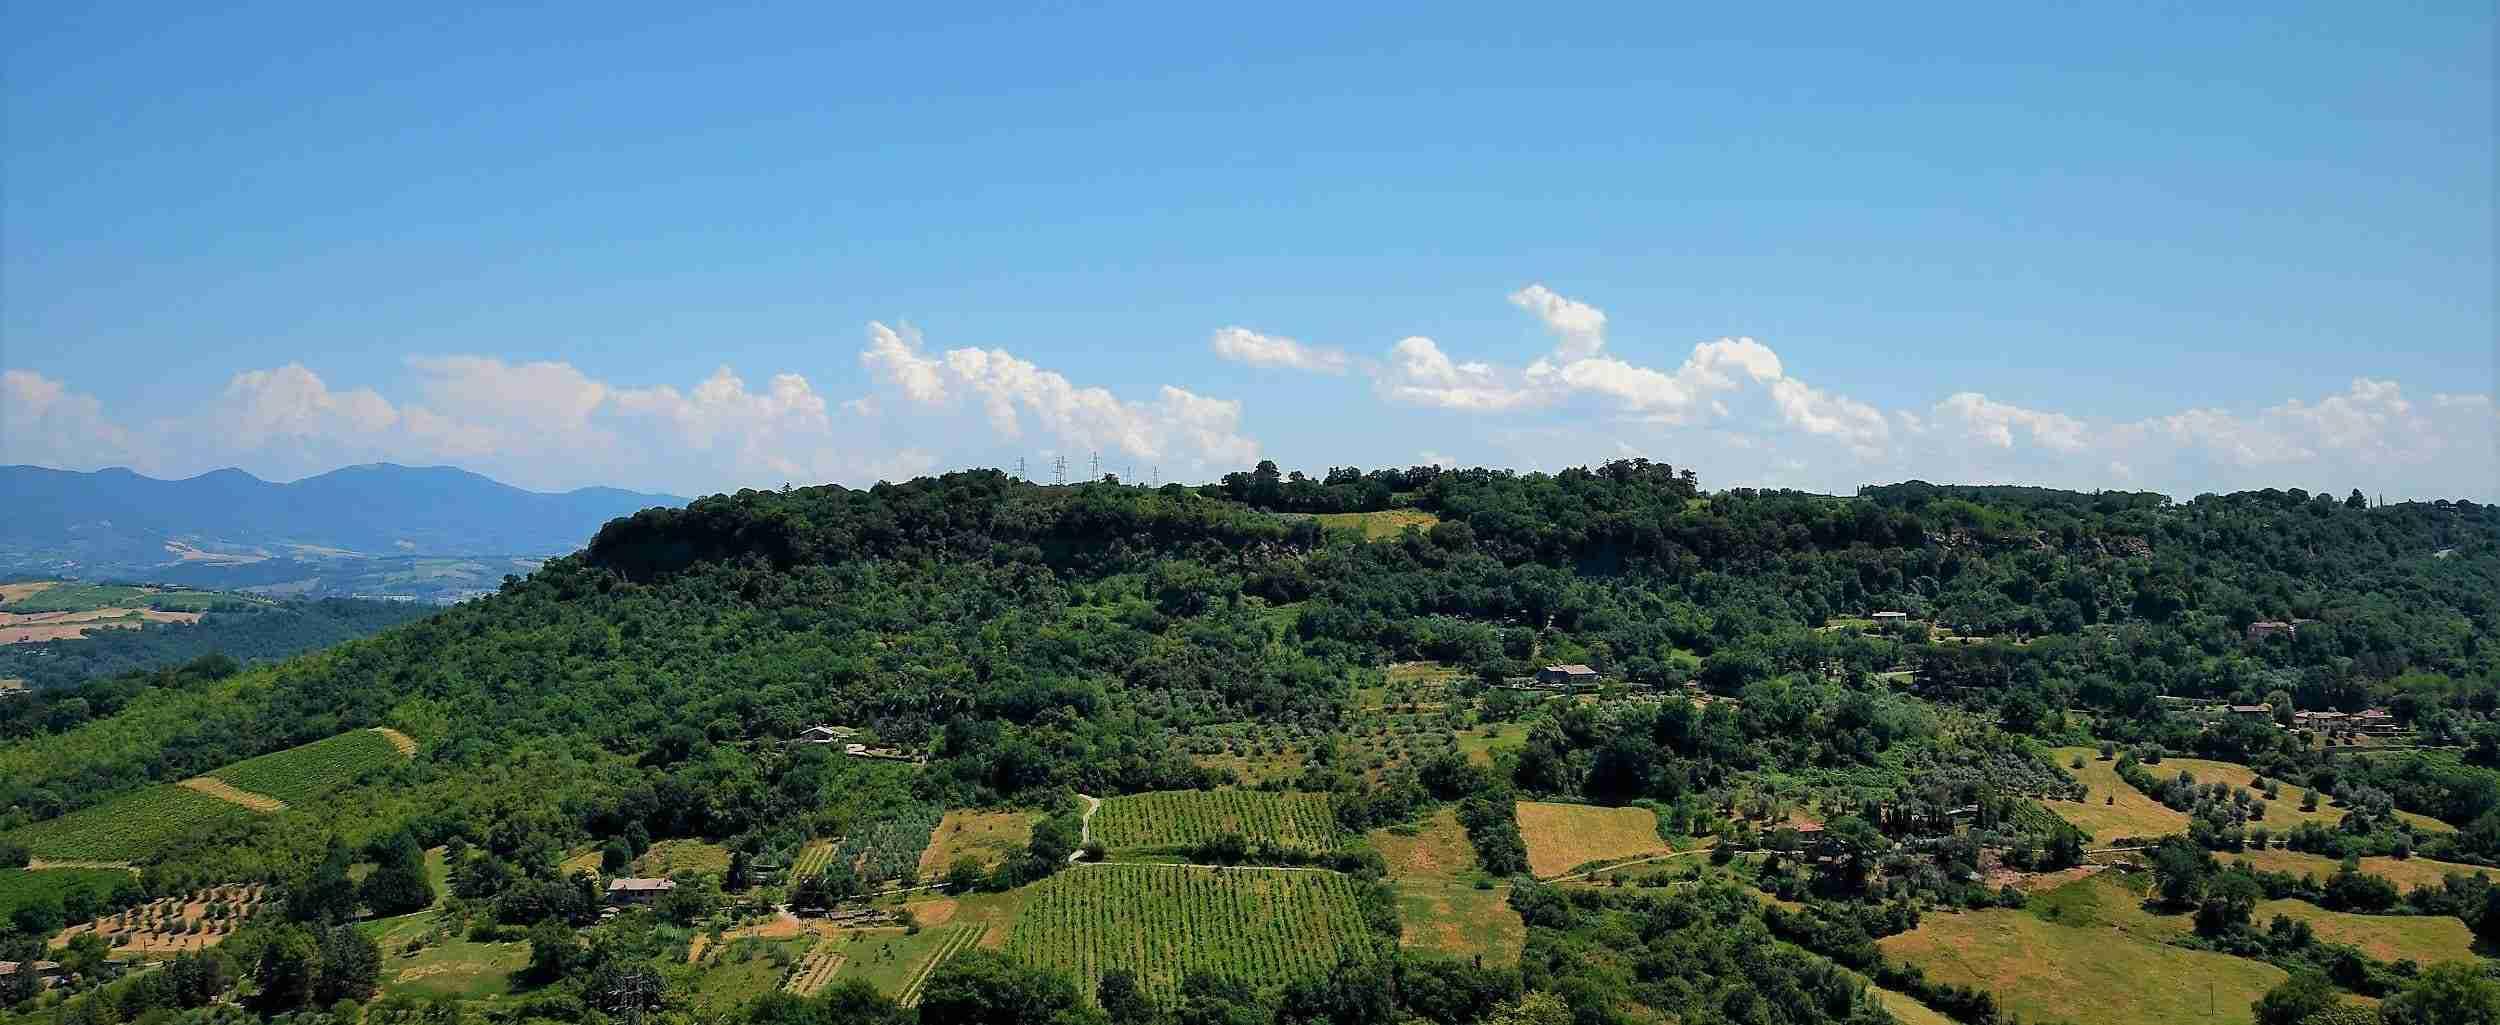 Visite guidate in Umbria